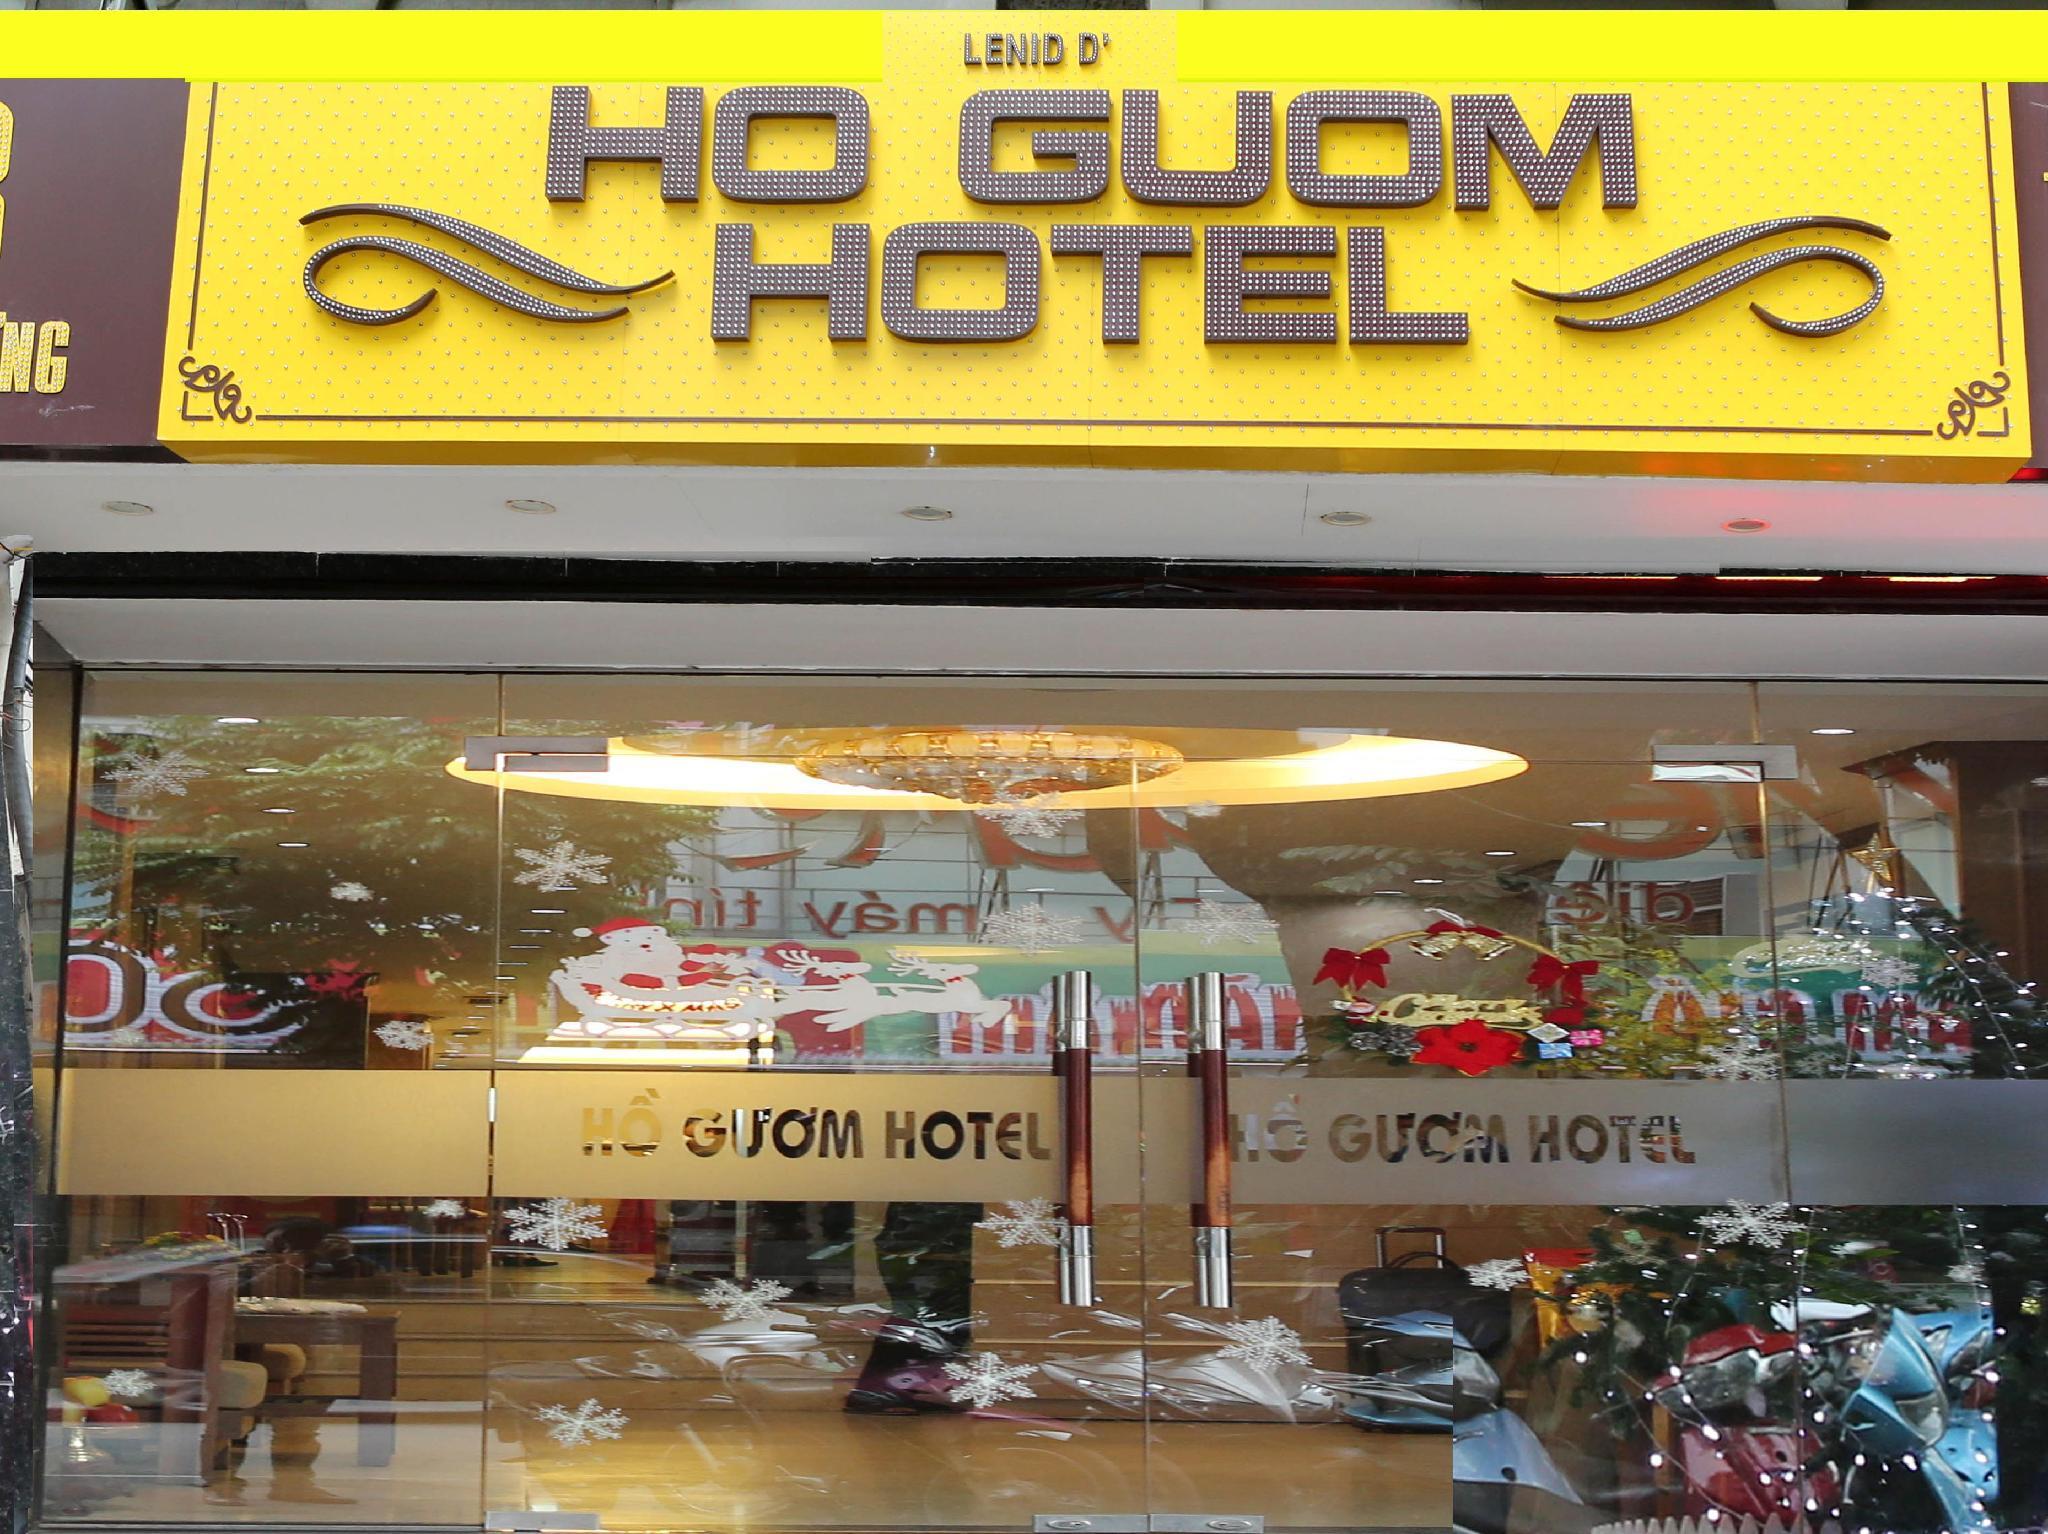 Ho Guom Hotel Hanoi